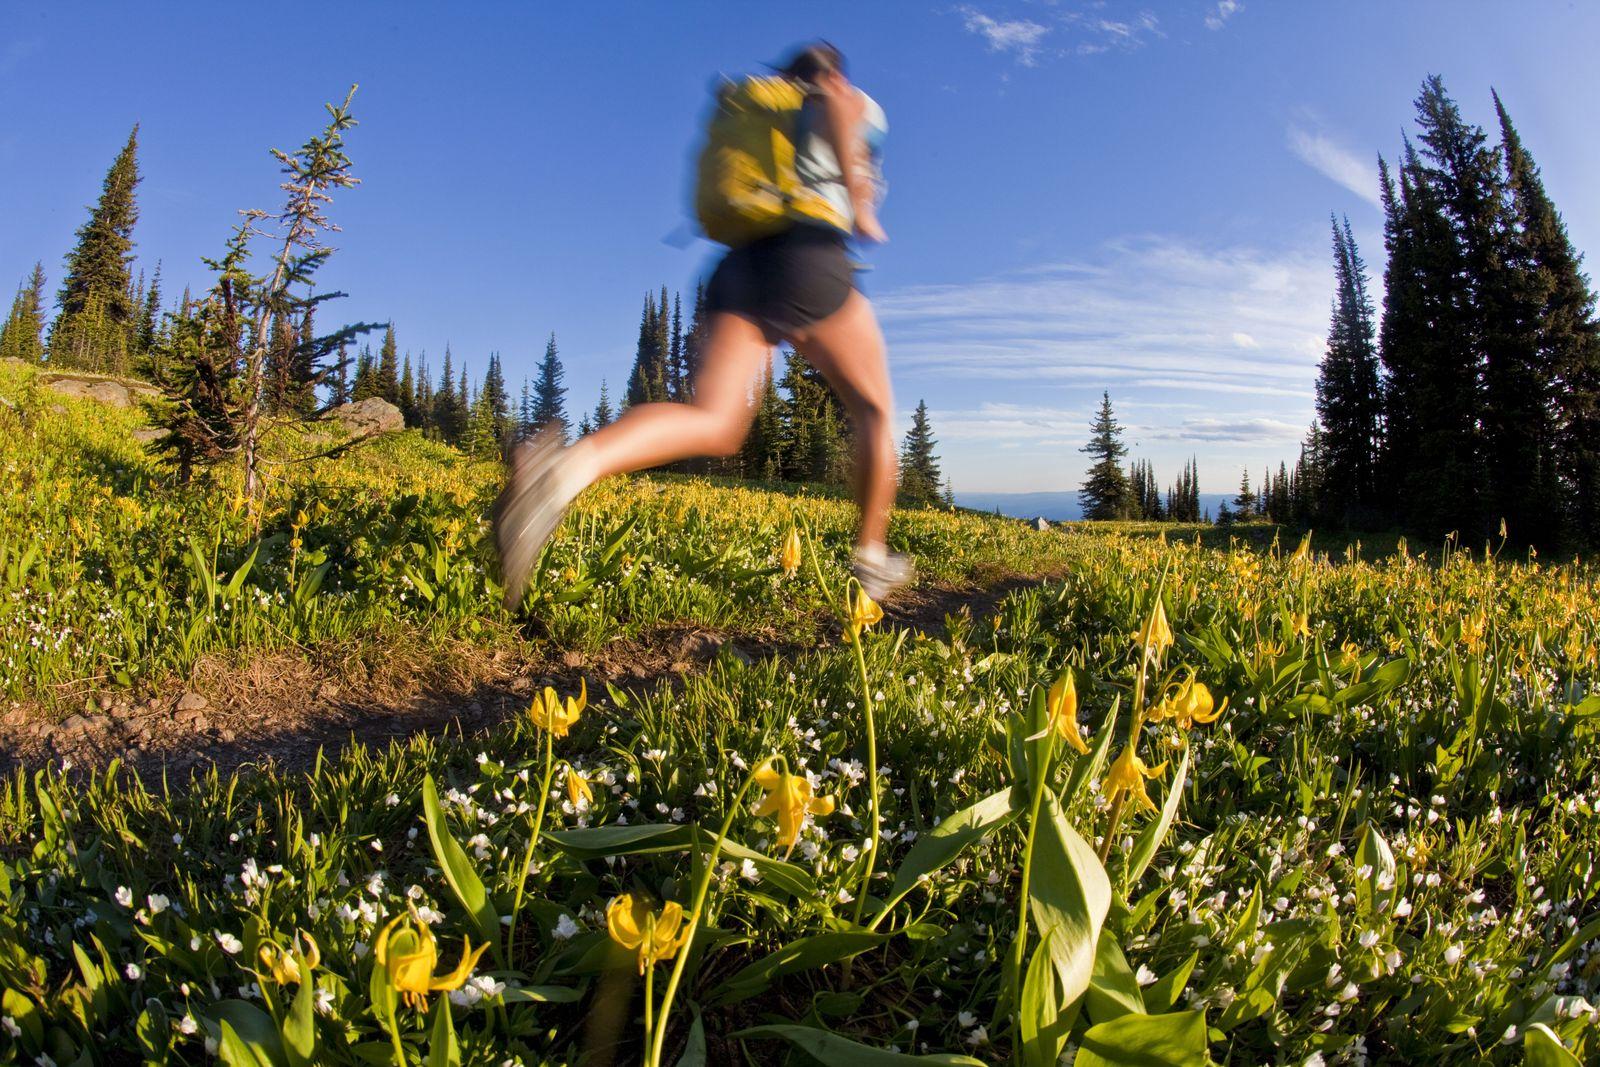 NICHT MEHR VERWENDEN! - Trailrunning / Laufen